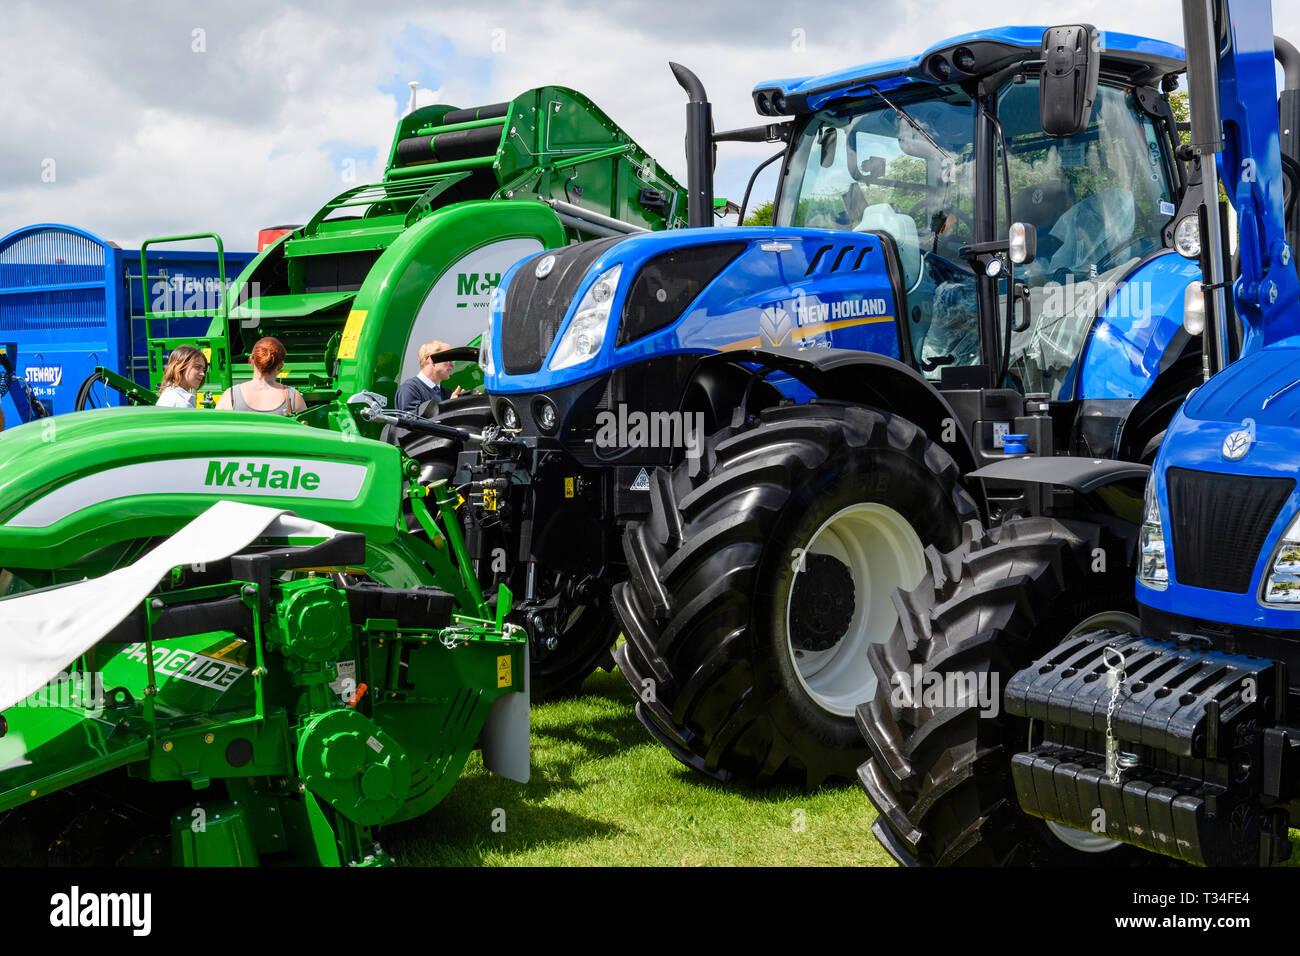 Affichage des machines agricoles (tracteurs New Holland, McHale ramasseuse-presse & tondeuse) garés côte à côte sur le commerce stand - Great Yorkshire Show, England, UK. Banque D'Images